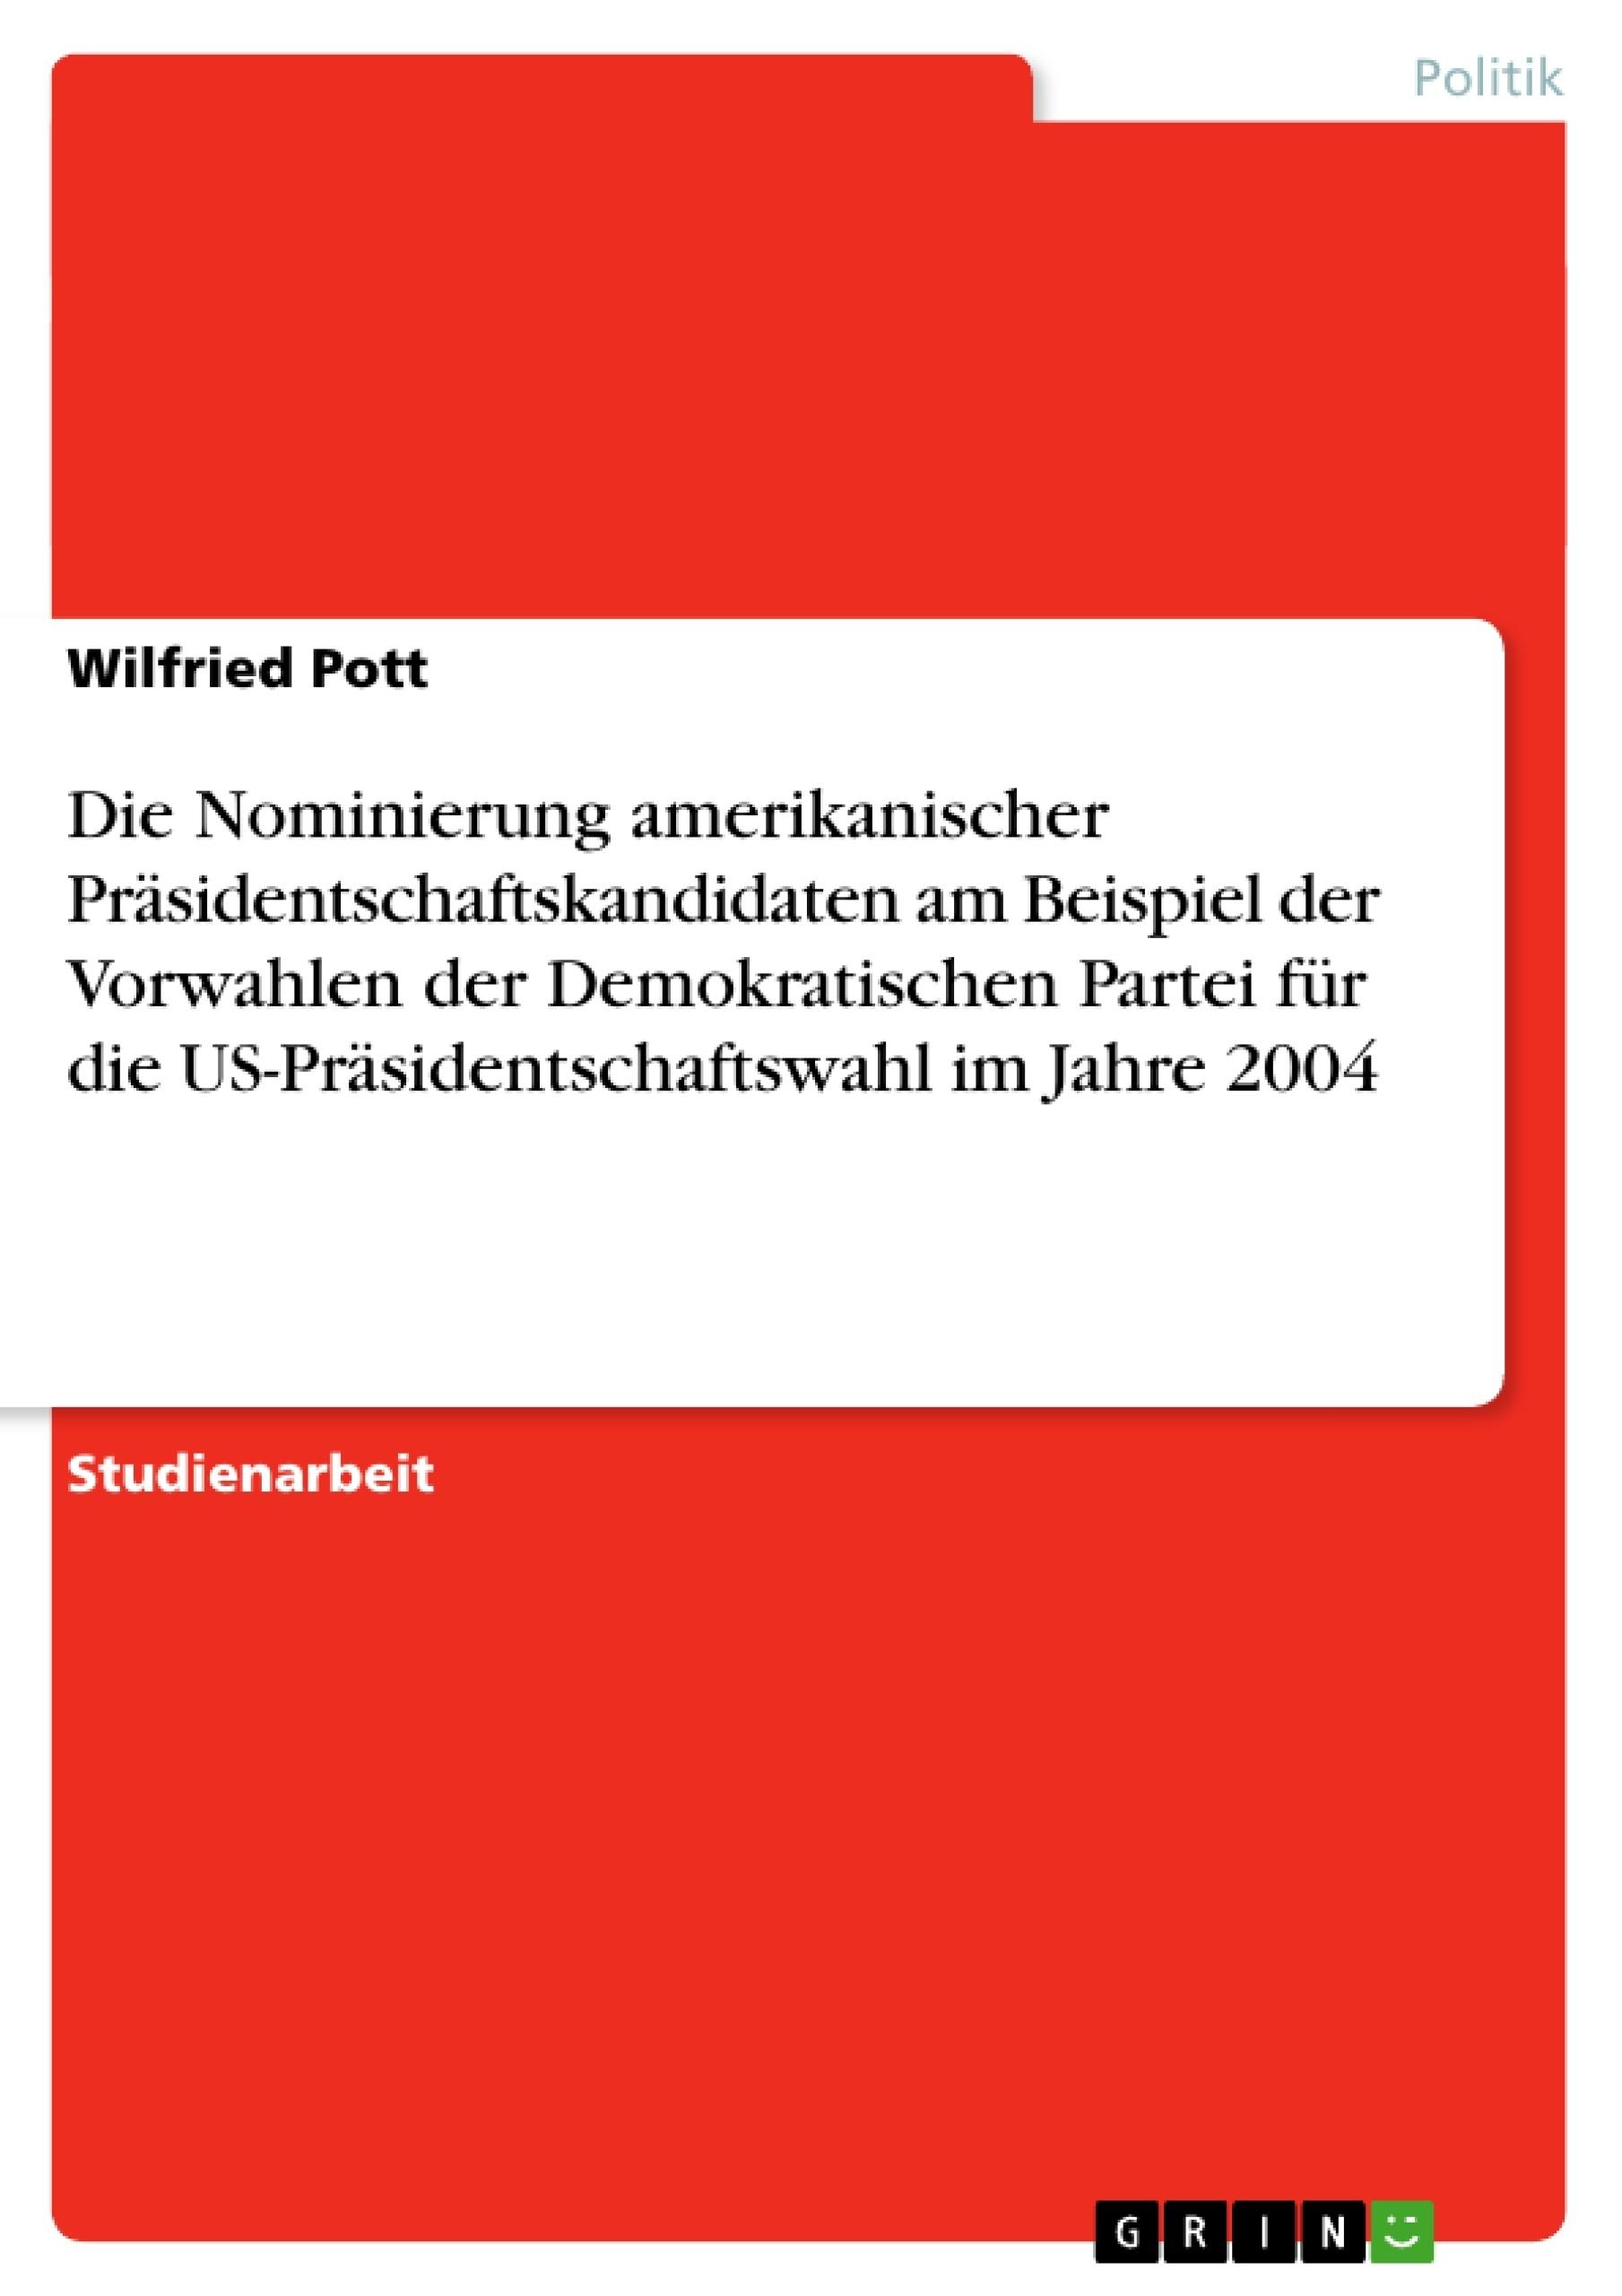 Titel: Die Nominierung amerikanischer Präsidentschaftskandidaten am Beispiel der Vorwahlen der Demokratischen Partei für die US-Präsidentschaftswahl im Jahre 2004